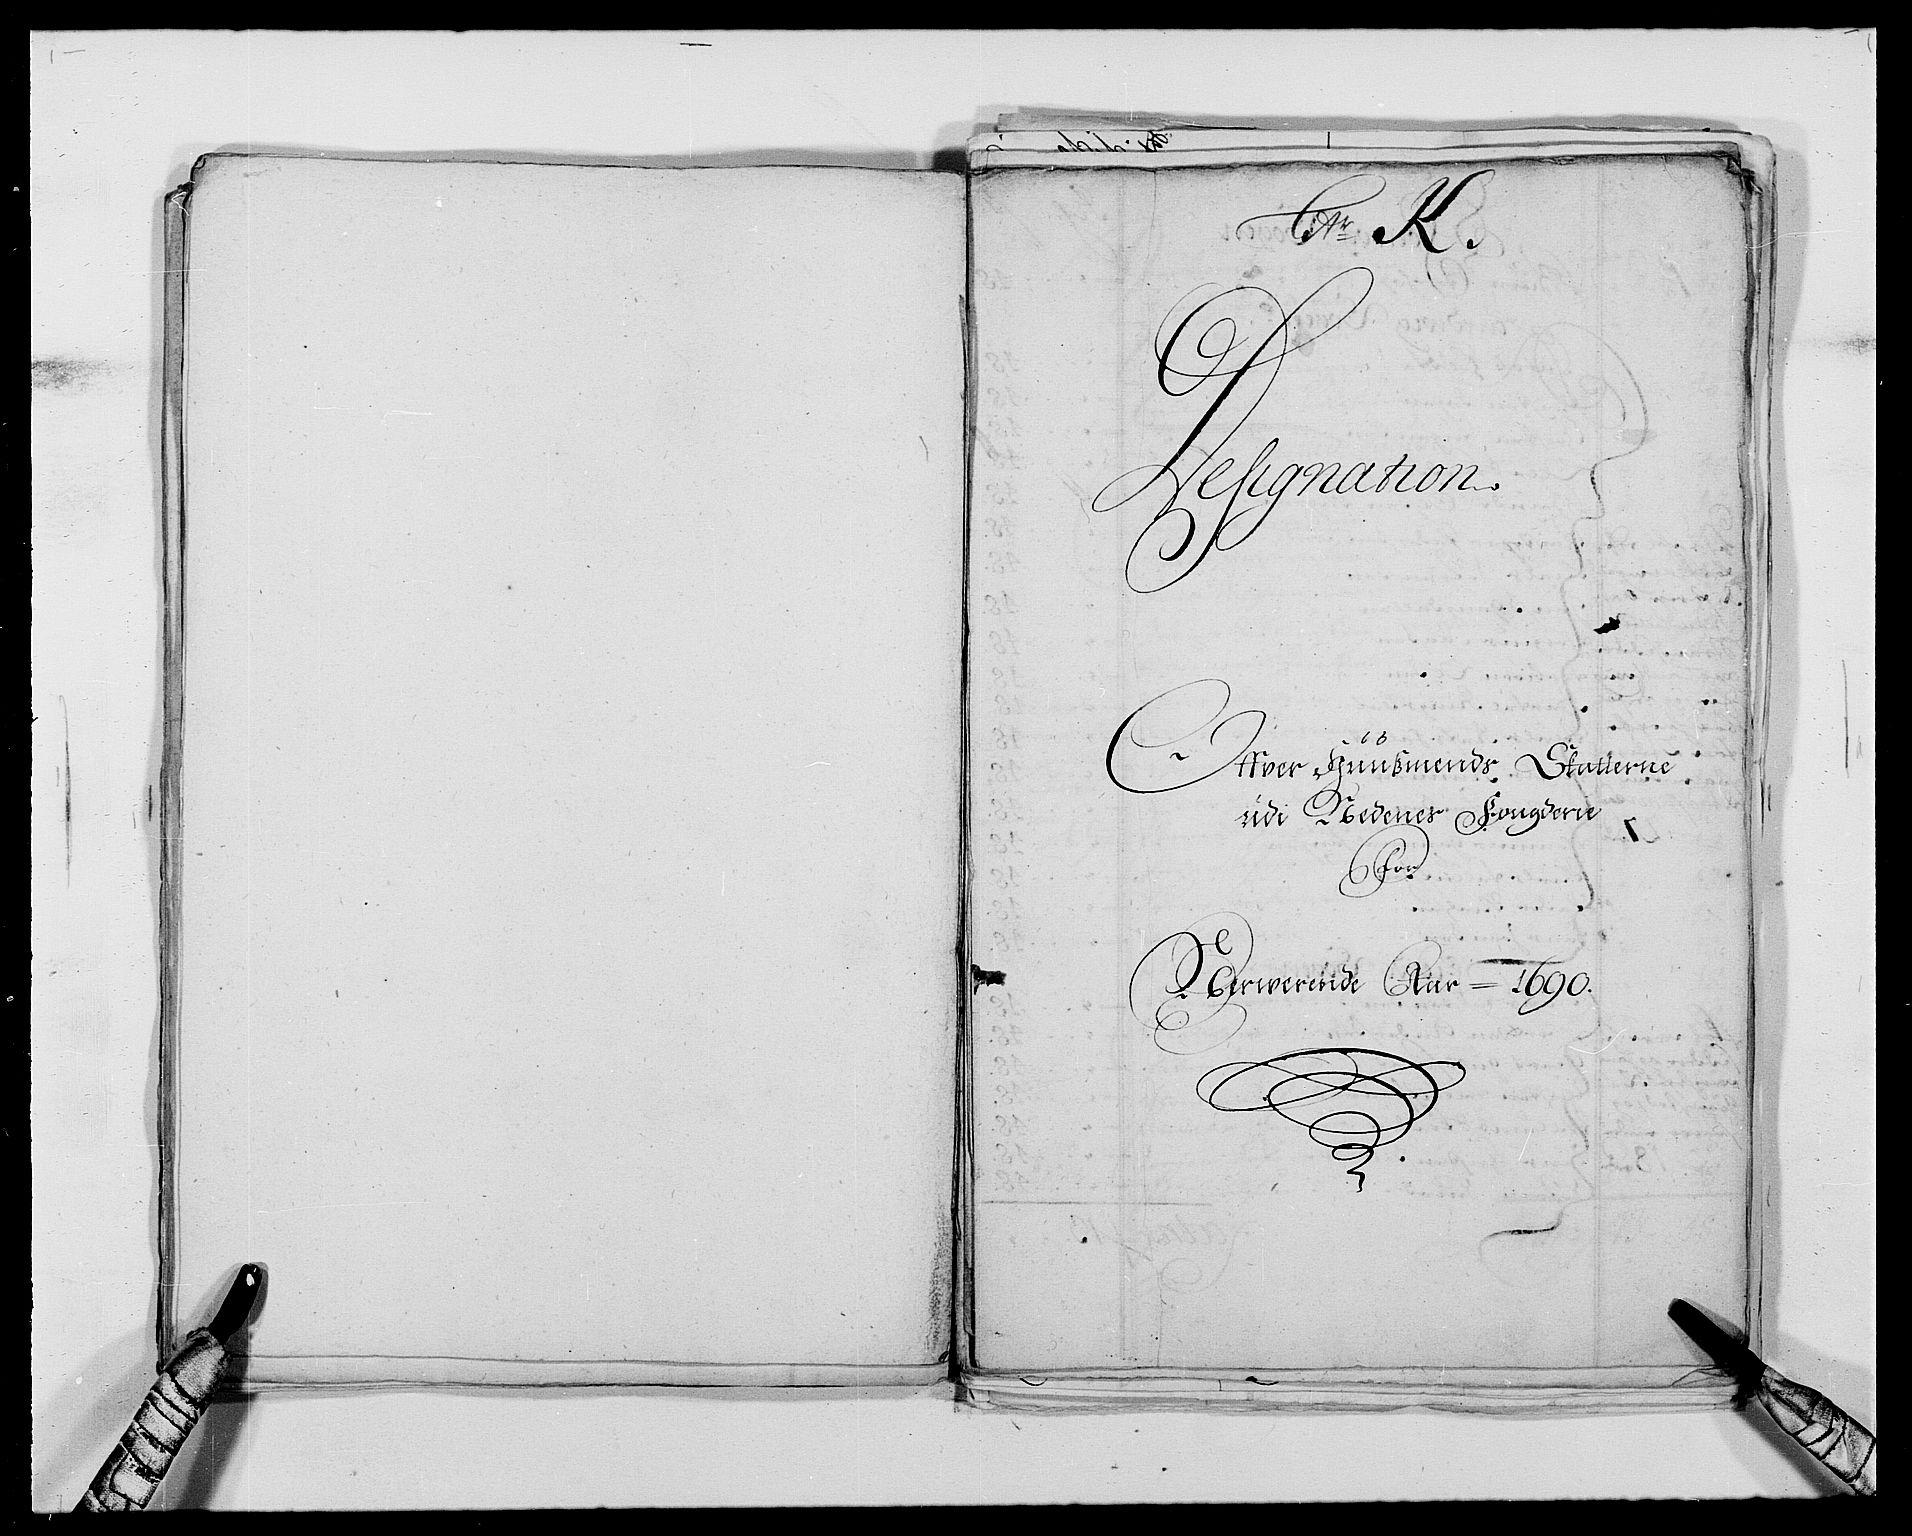 RA, Rentekammeret inntil 1814, Reviderte regnskaper, Fogderegnskap, R39/L2310: Fogderegnskap Nedenes, 1690-1692, s. 235